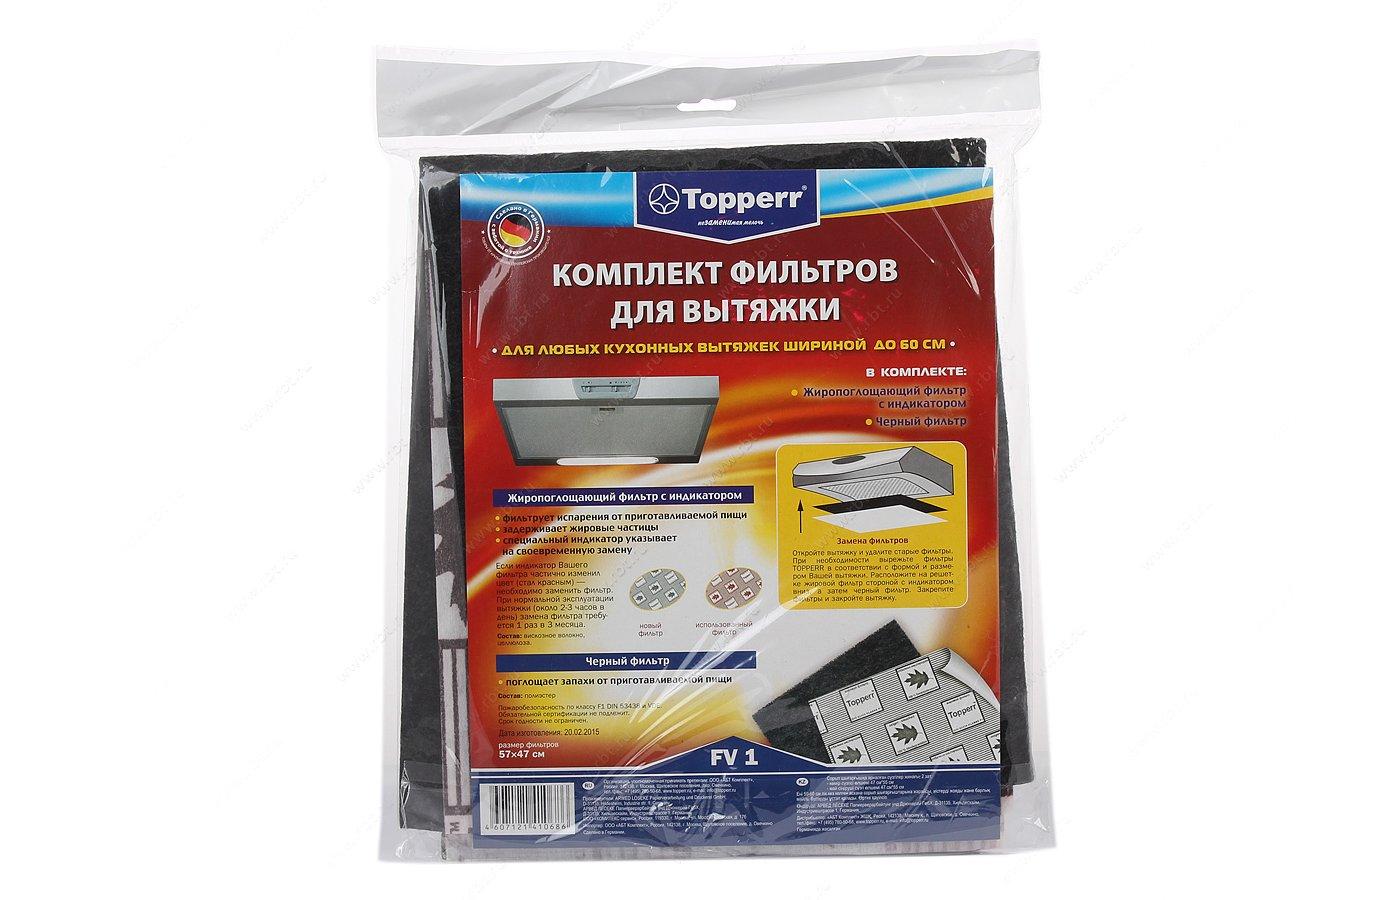 Фильтры для воздухоочистителей TOPPERR 1101 FV 1 комплект фильтров д/вытяжек 470х550 мм